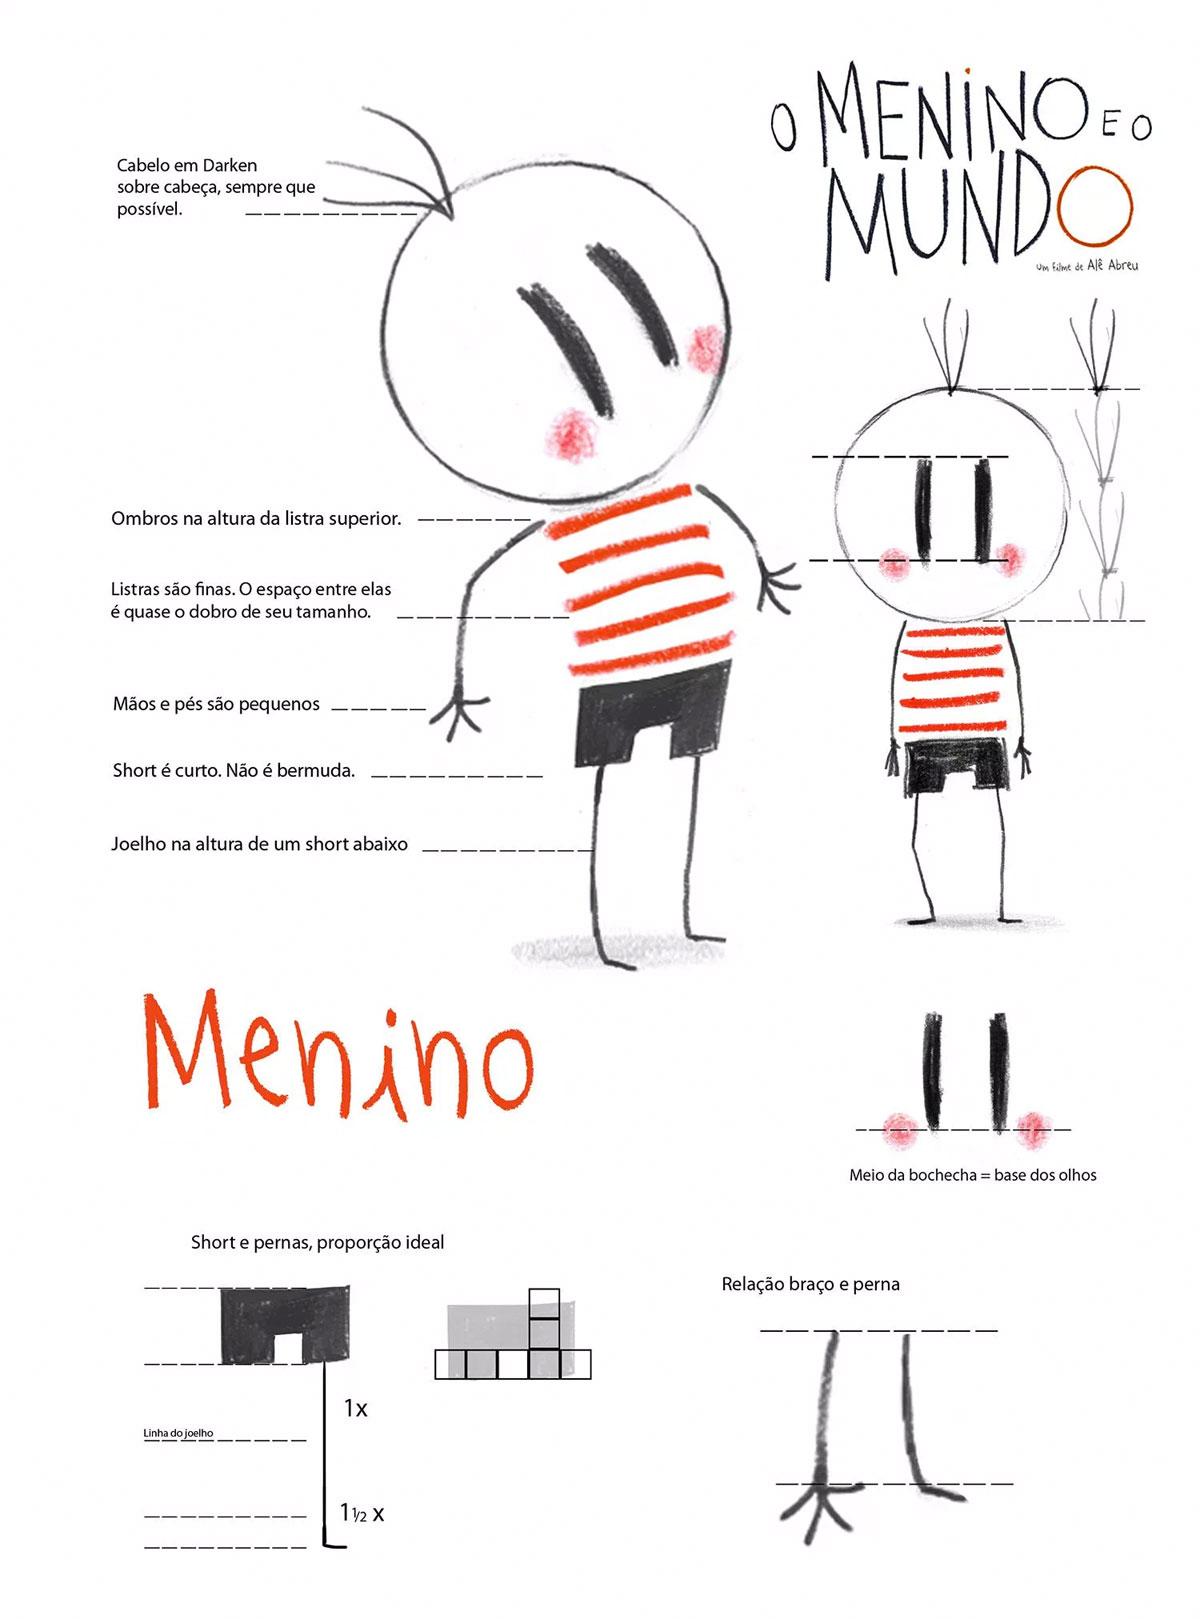 0_menino_eo_mundo_04